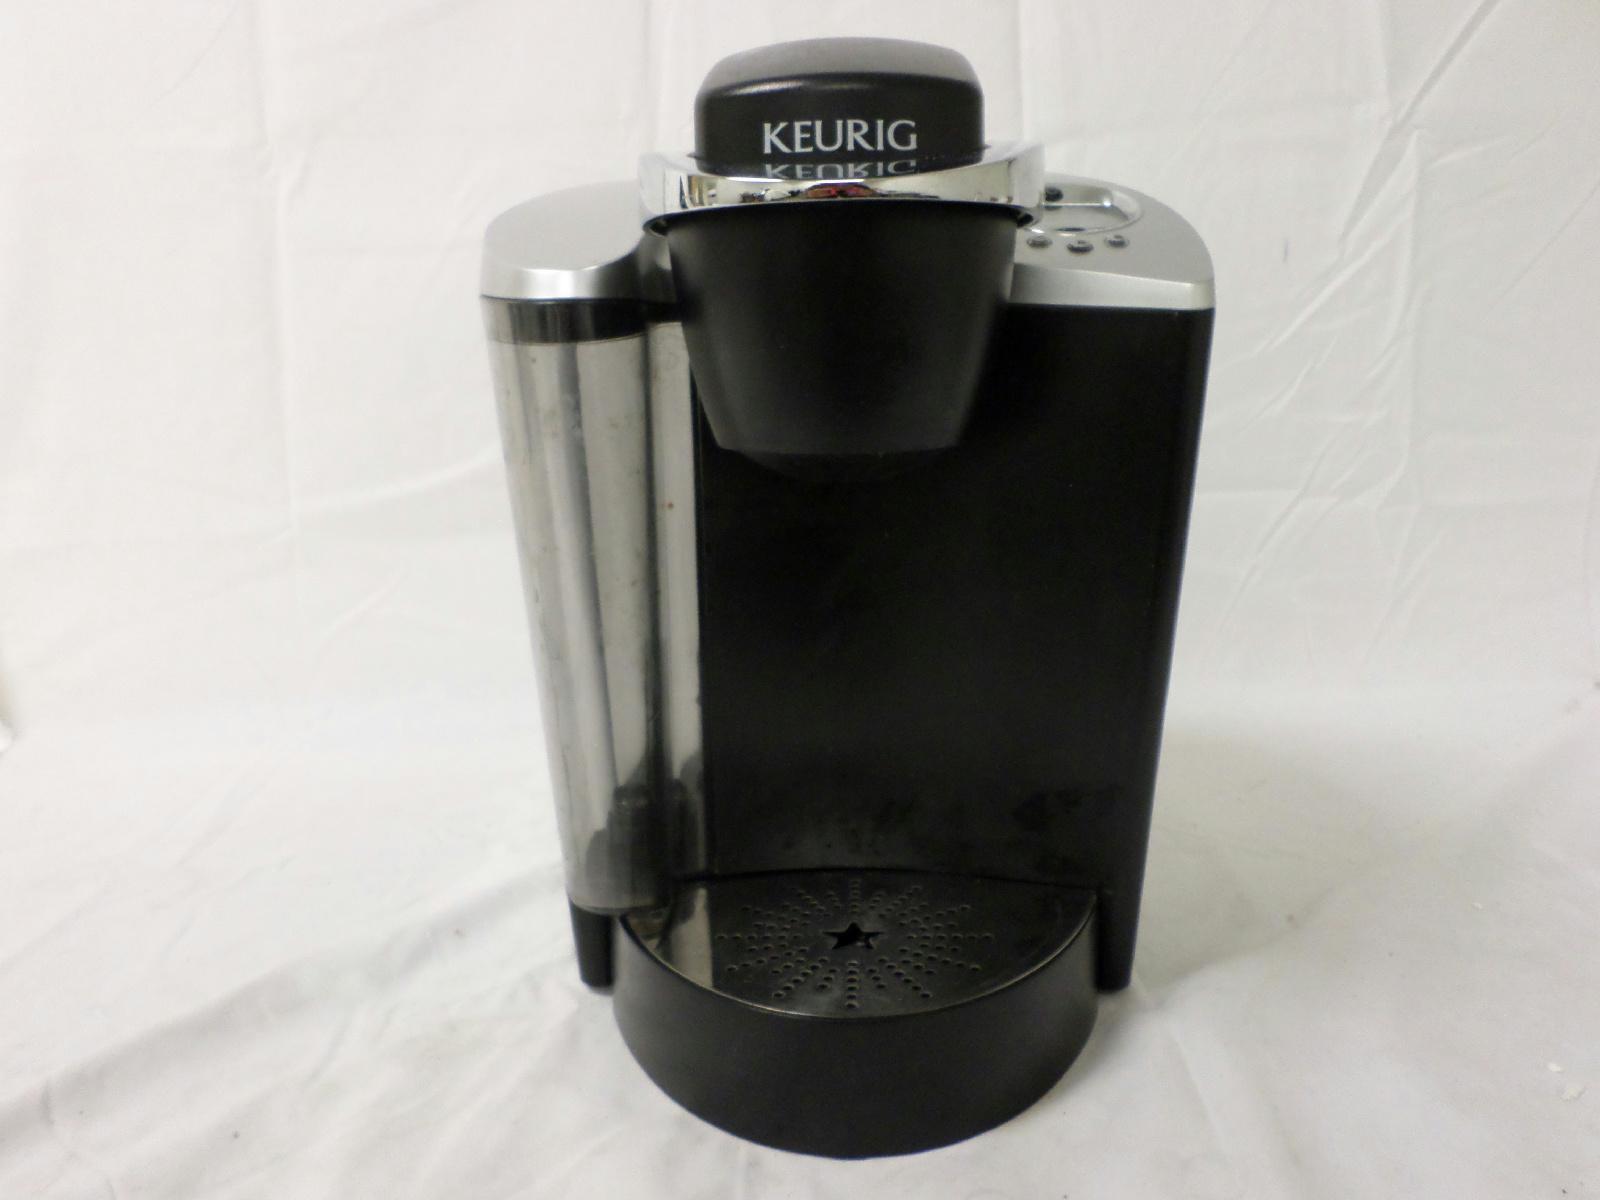 Coffee Maker Keurig B60 : Keurig Special Edition B60 8 Cups Coffee Maker Black eBay